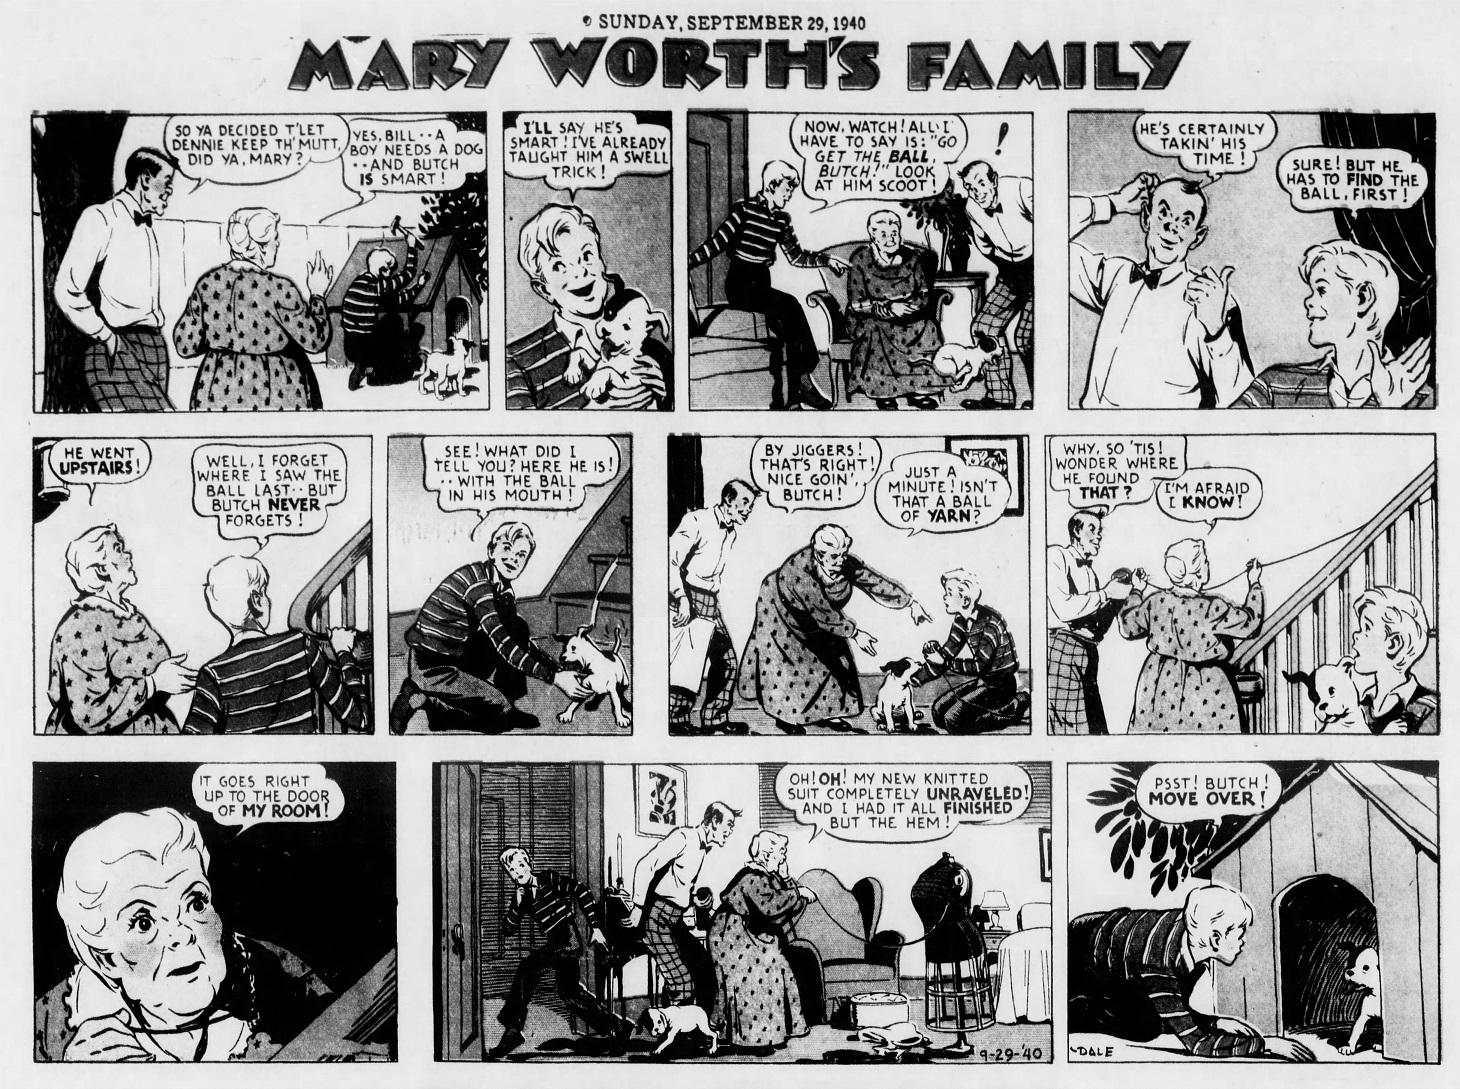 The_Brooklyn_Daily_Eagle_Sun__Sep_29__1940_(7).jpg